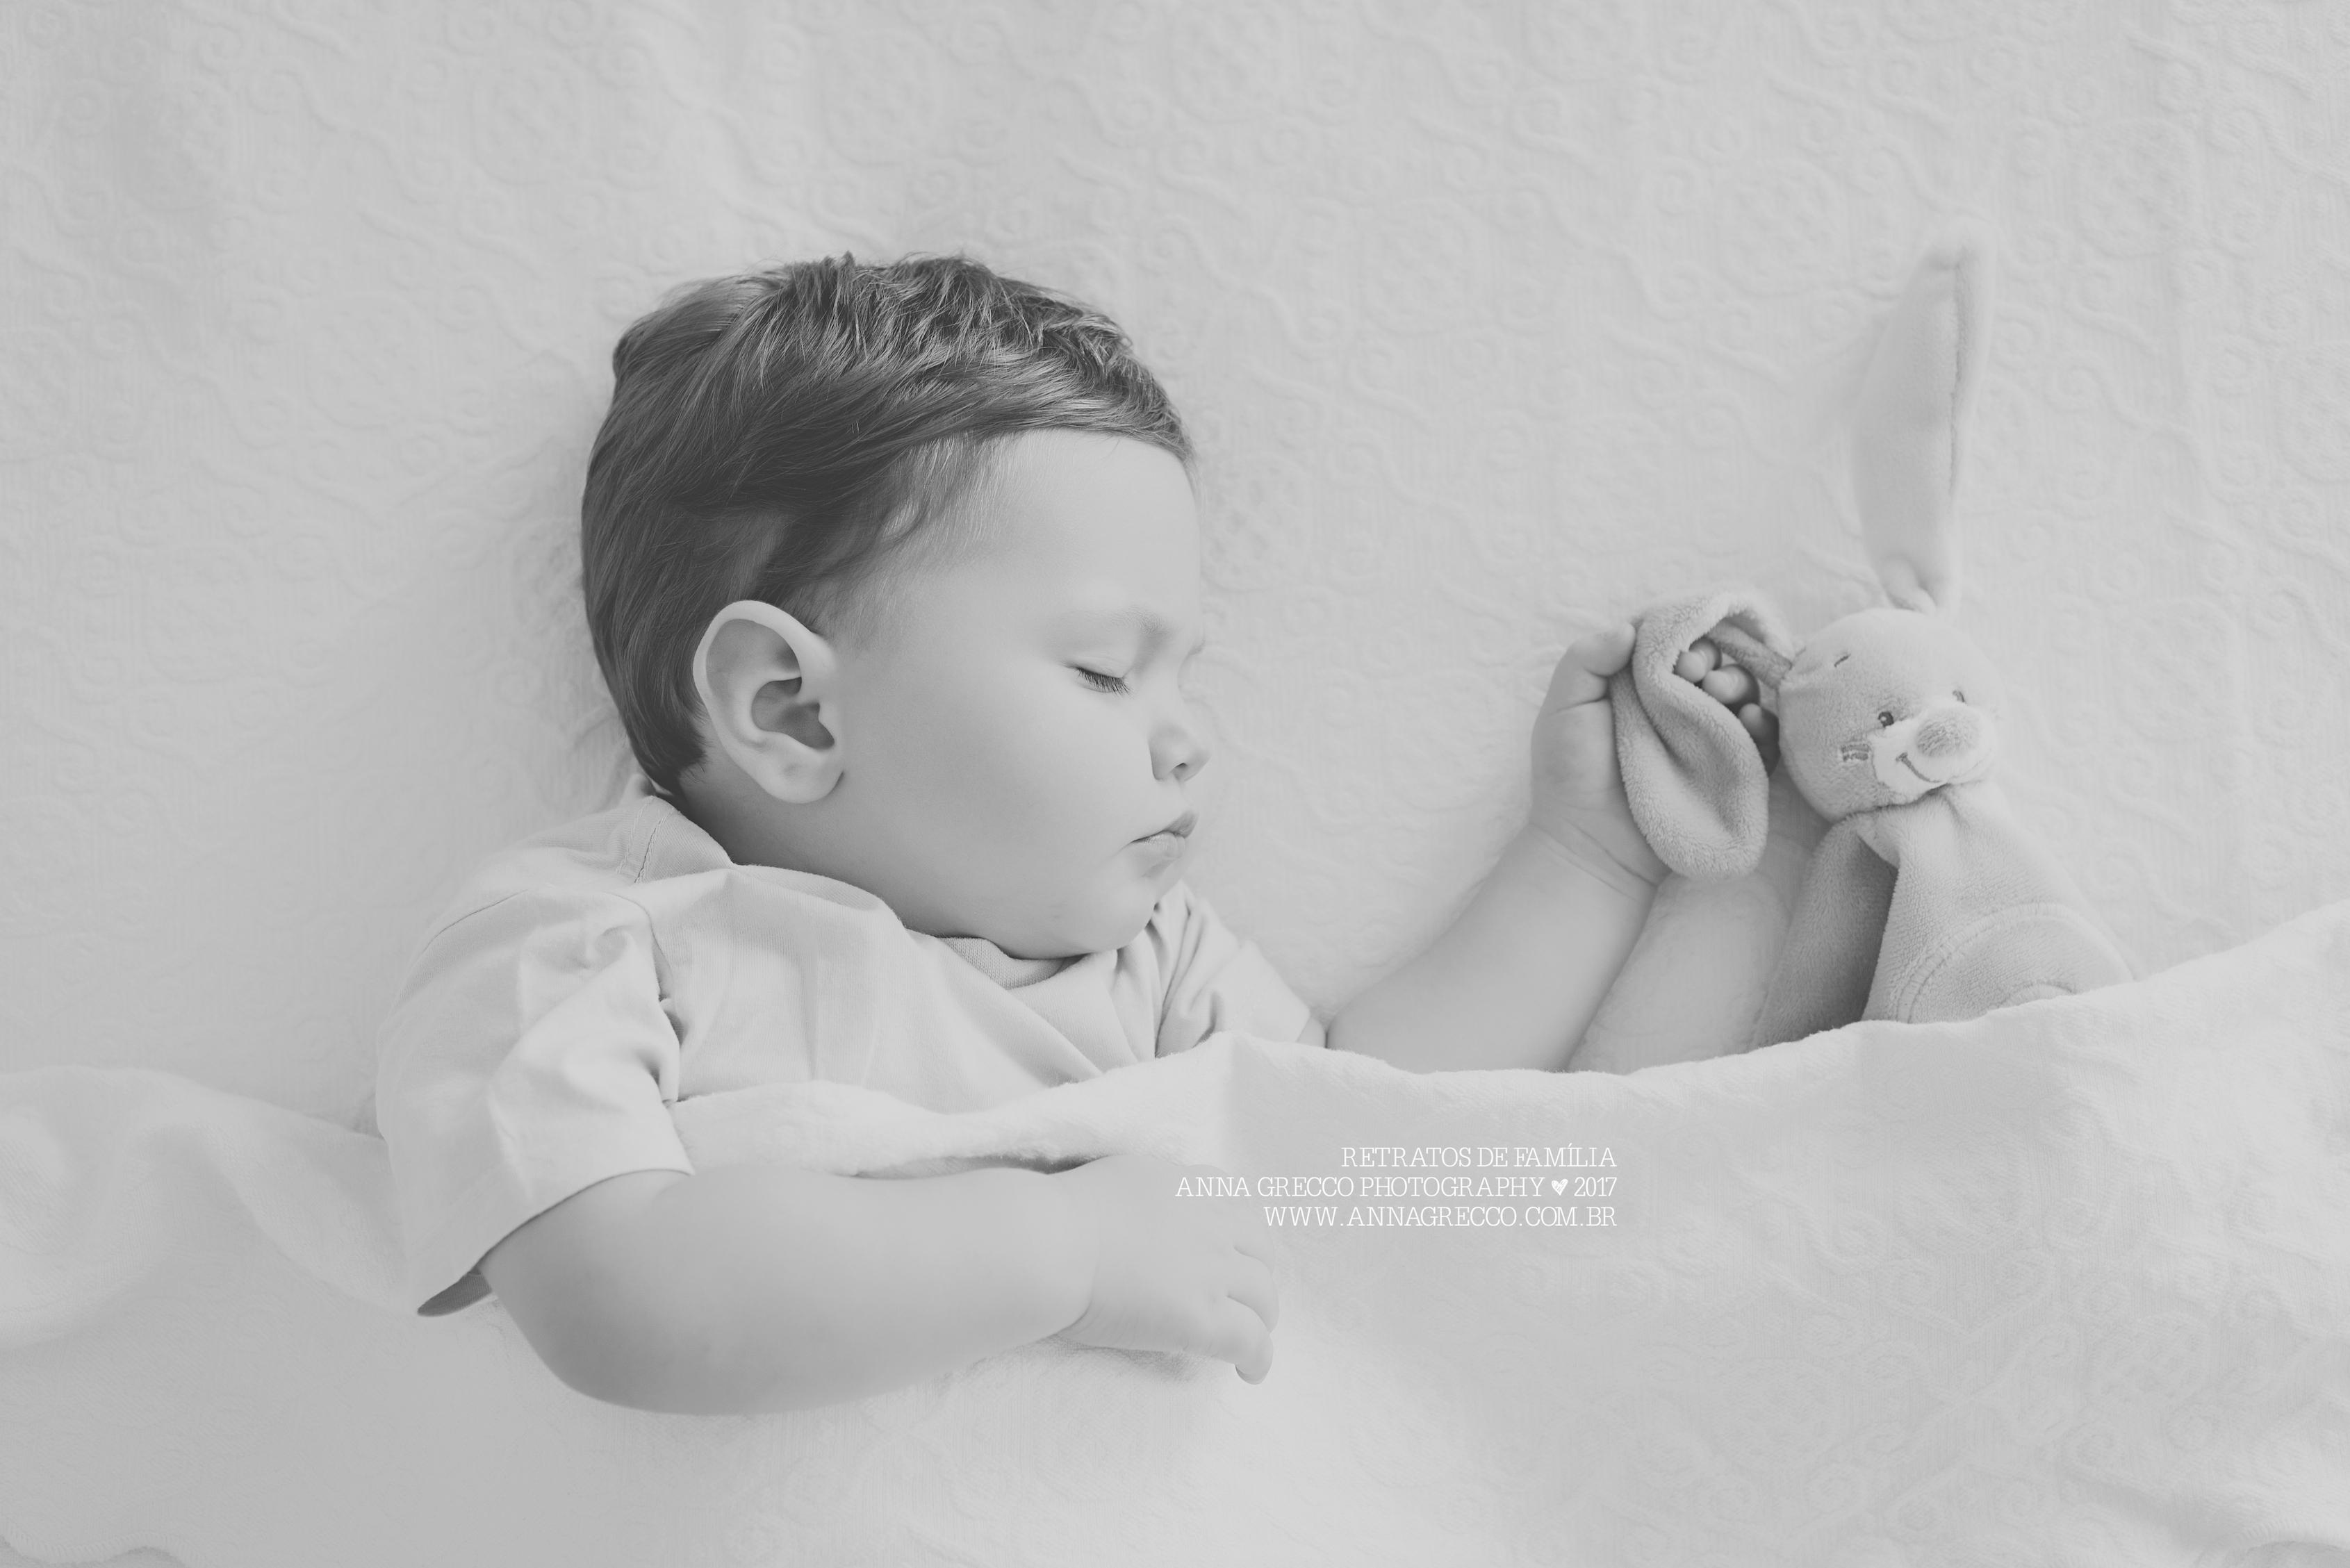 hora do sono - bebê dormindo